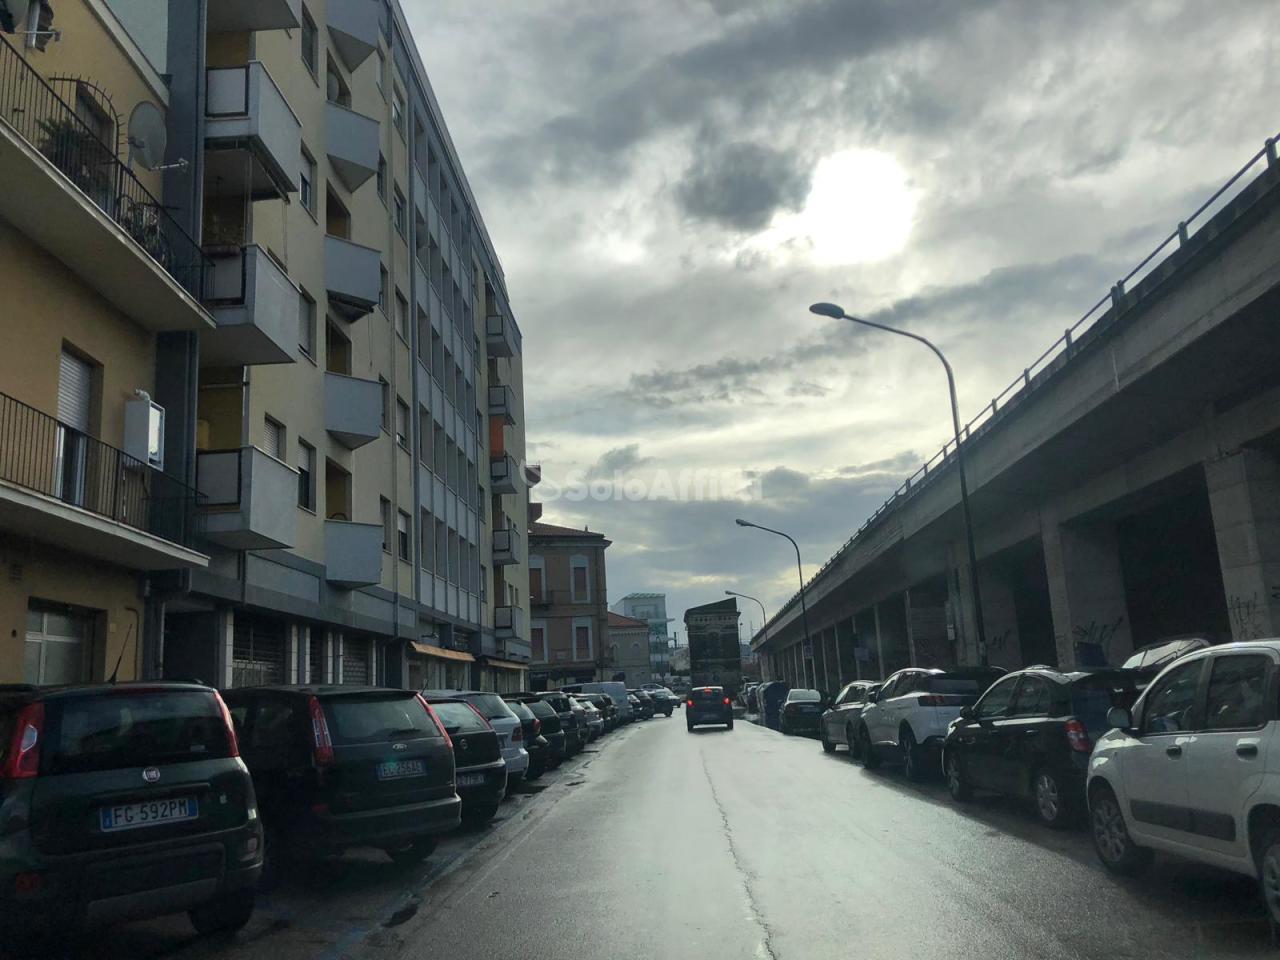 Fondo/negozio - 3 vetrine/luci a Porta Nuova, Pescara